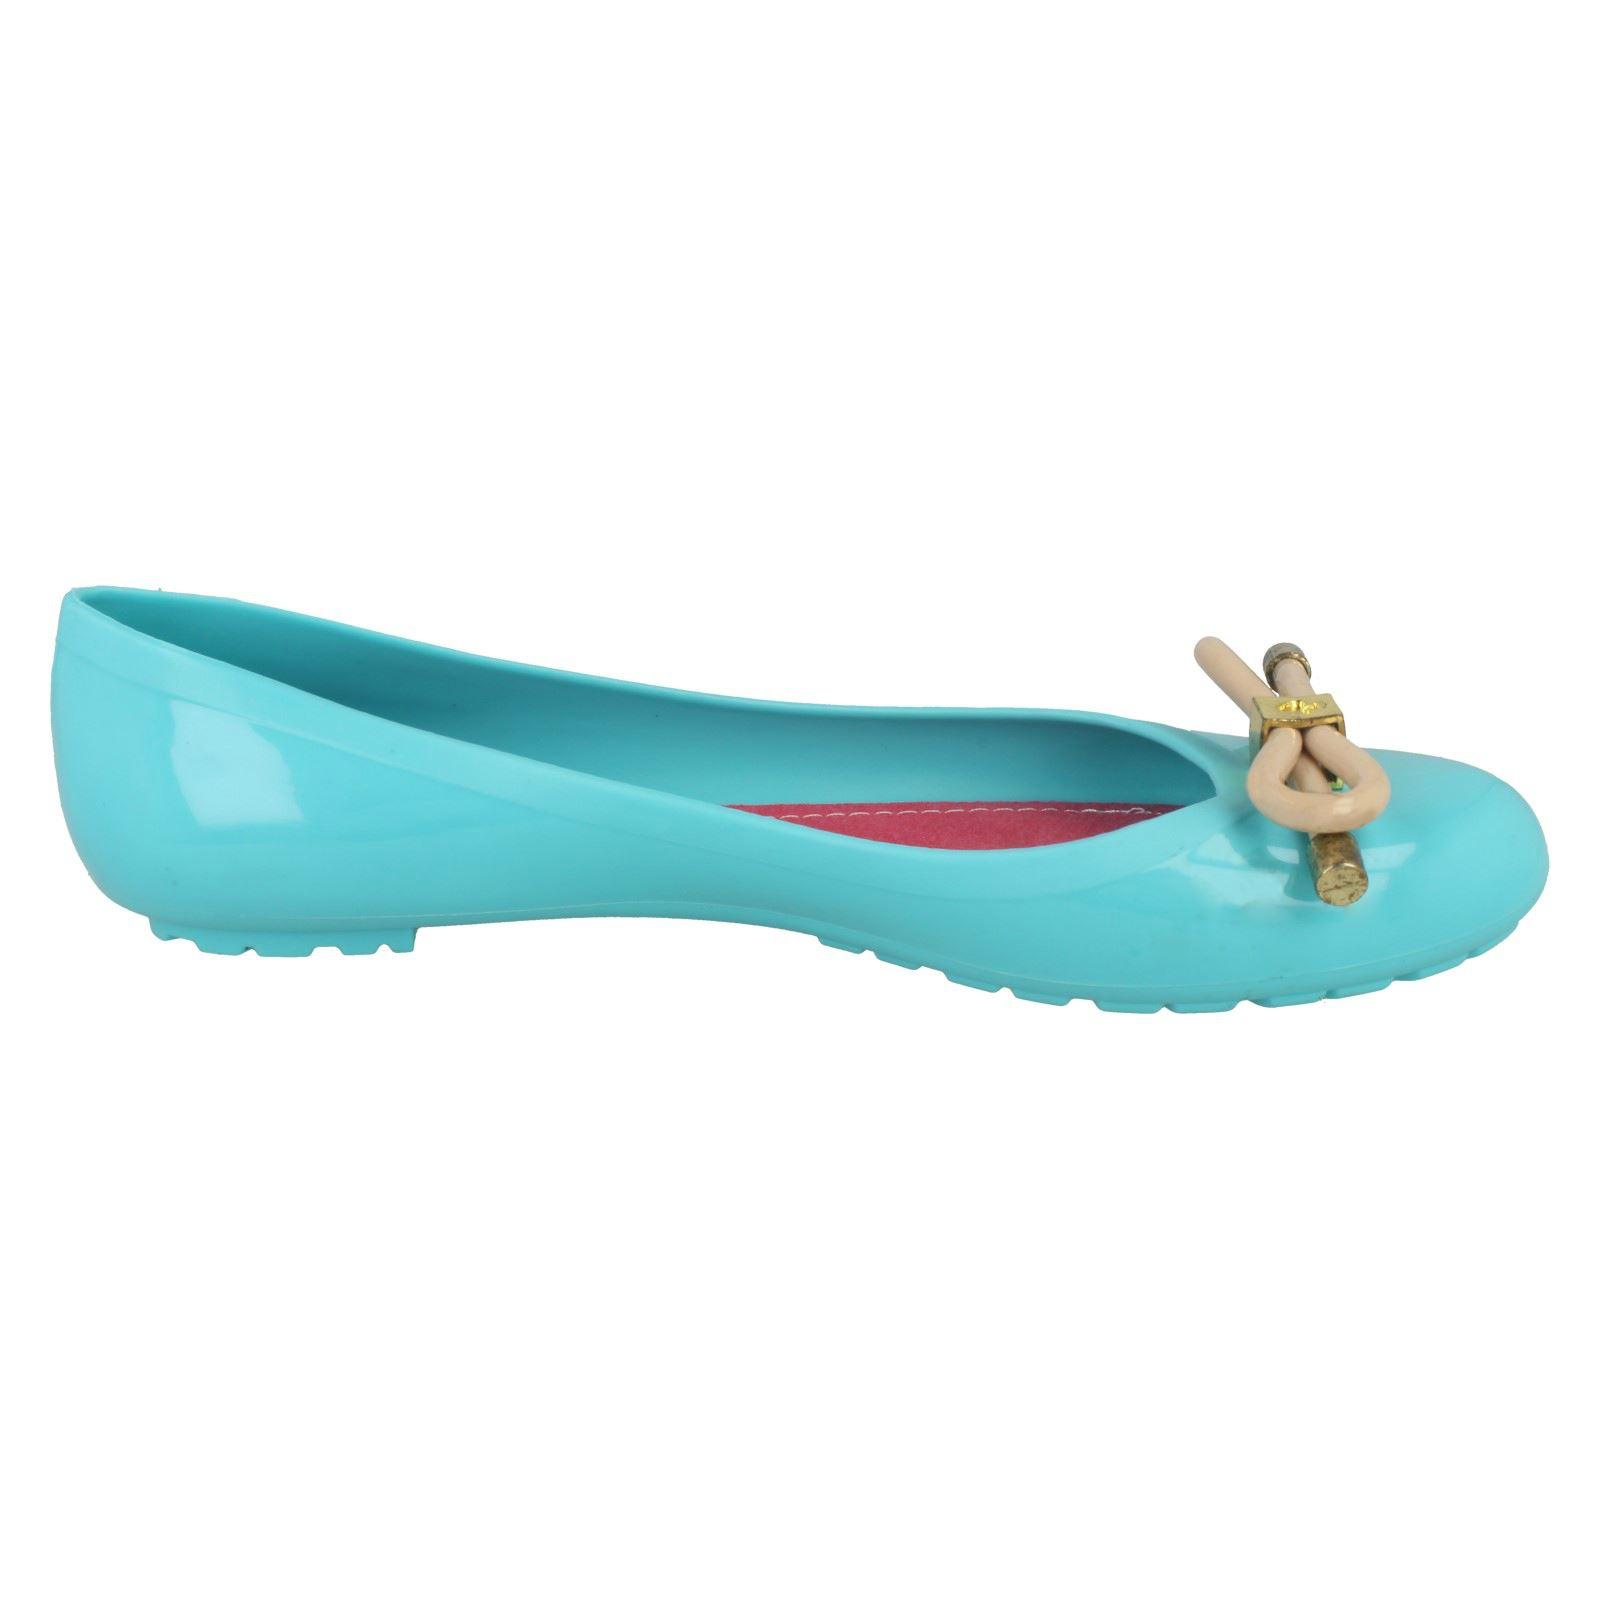 Femmes Spot On Lacet Plat jelly shoes